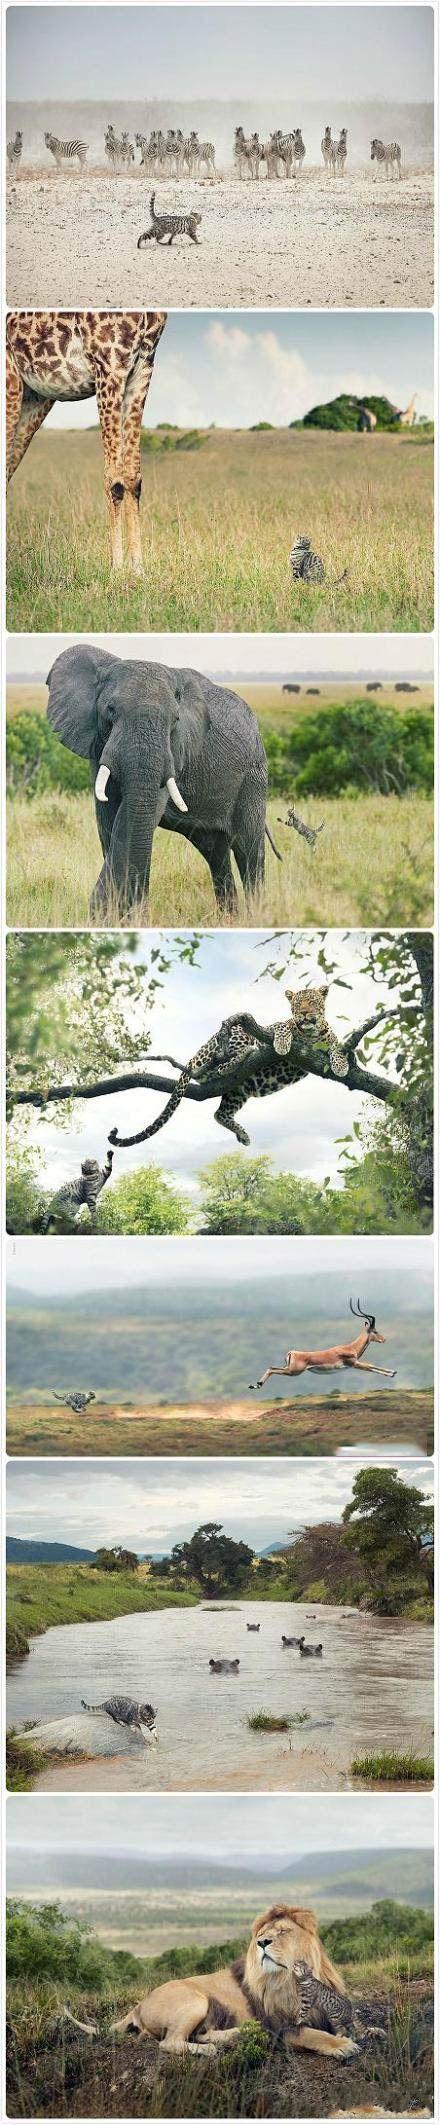 吃了你就有勇气挑战全世界,可爱的猫粮广告